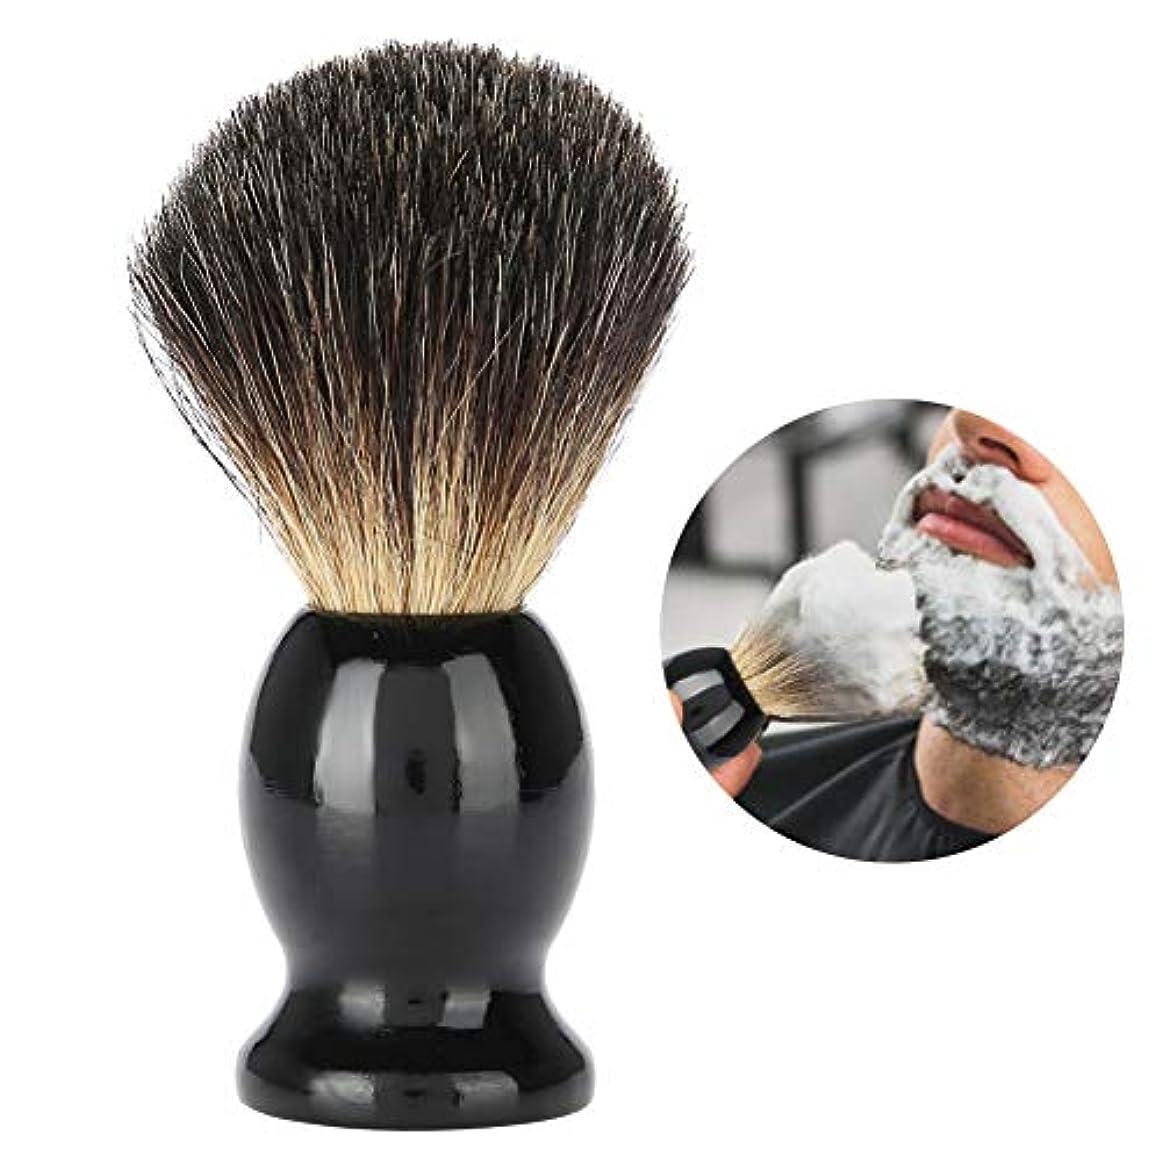 効果的に味付けジャグリングYuyteポータブル男性ウッドハンドル髭剃りブラシ理髪店サロンツール